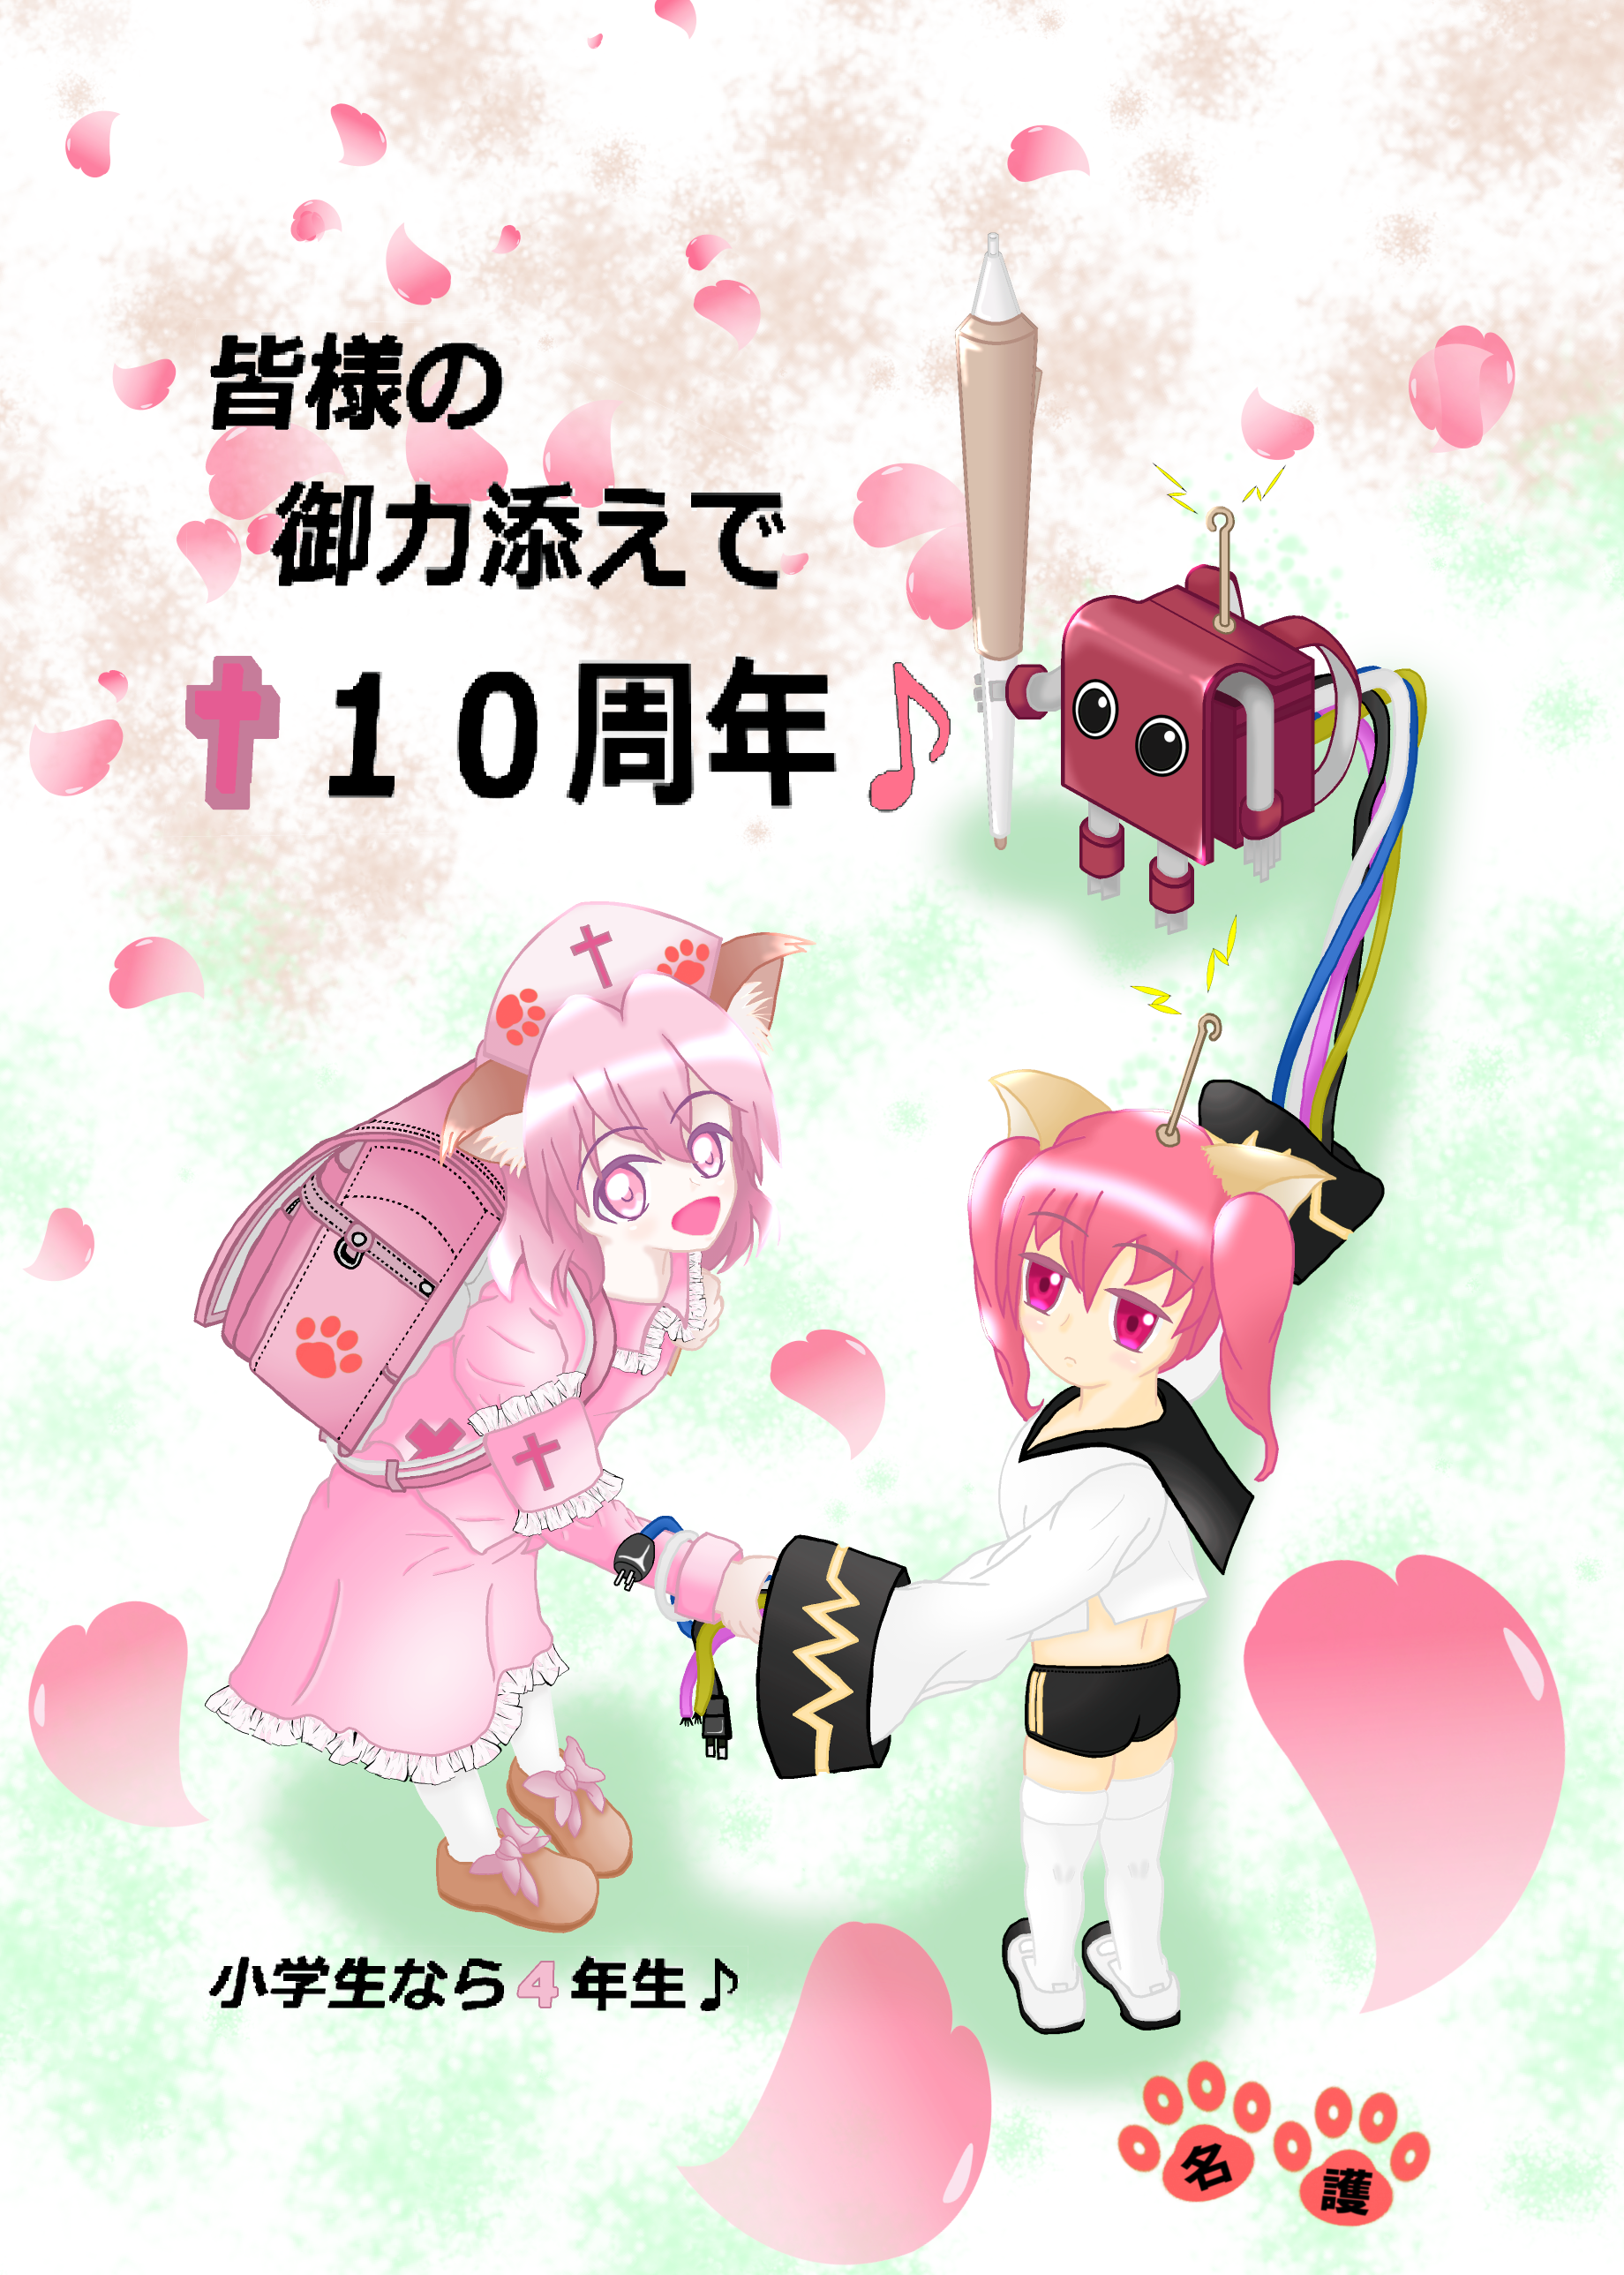 ちぃ10周年記念イラスト